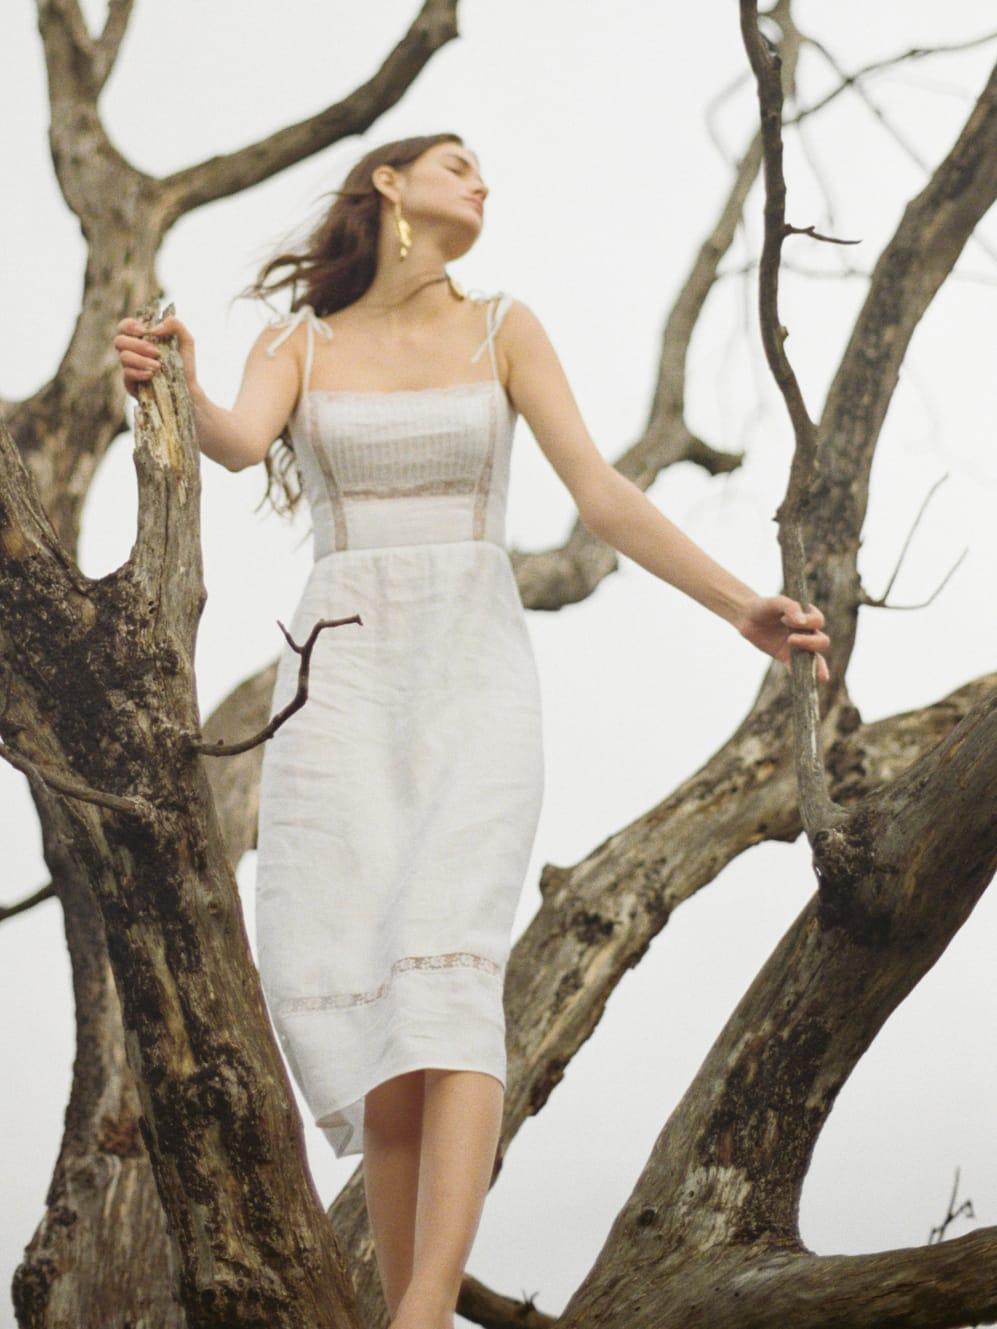 La plana de algodón estructurado en blanco puro también le otorga un atractivo comercial al traje. (WGSN)